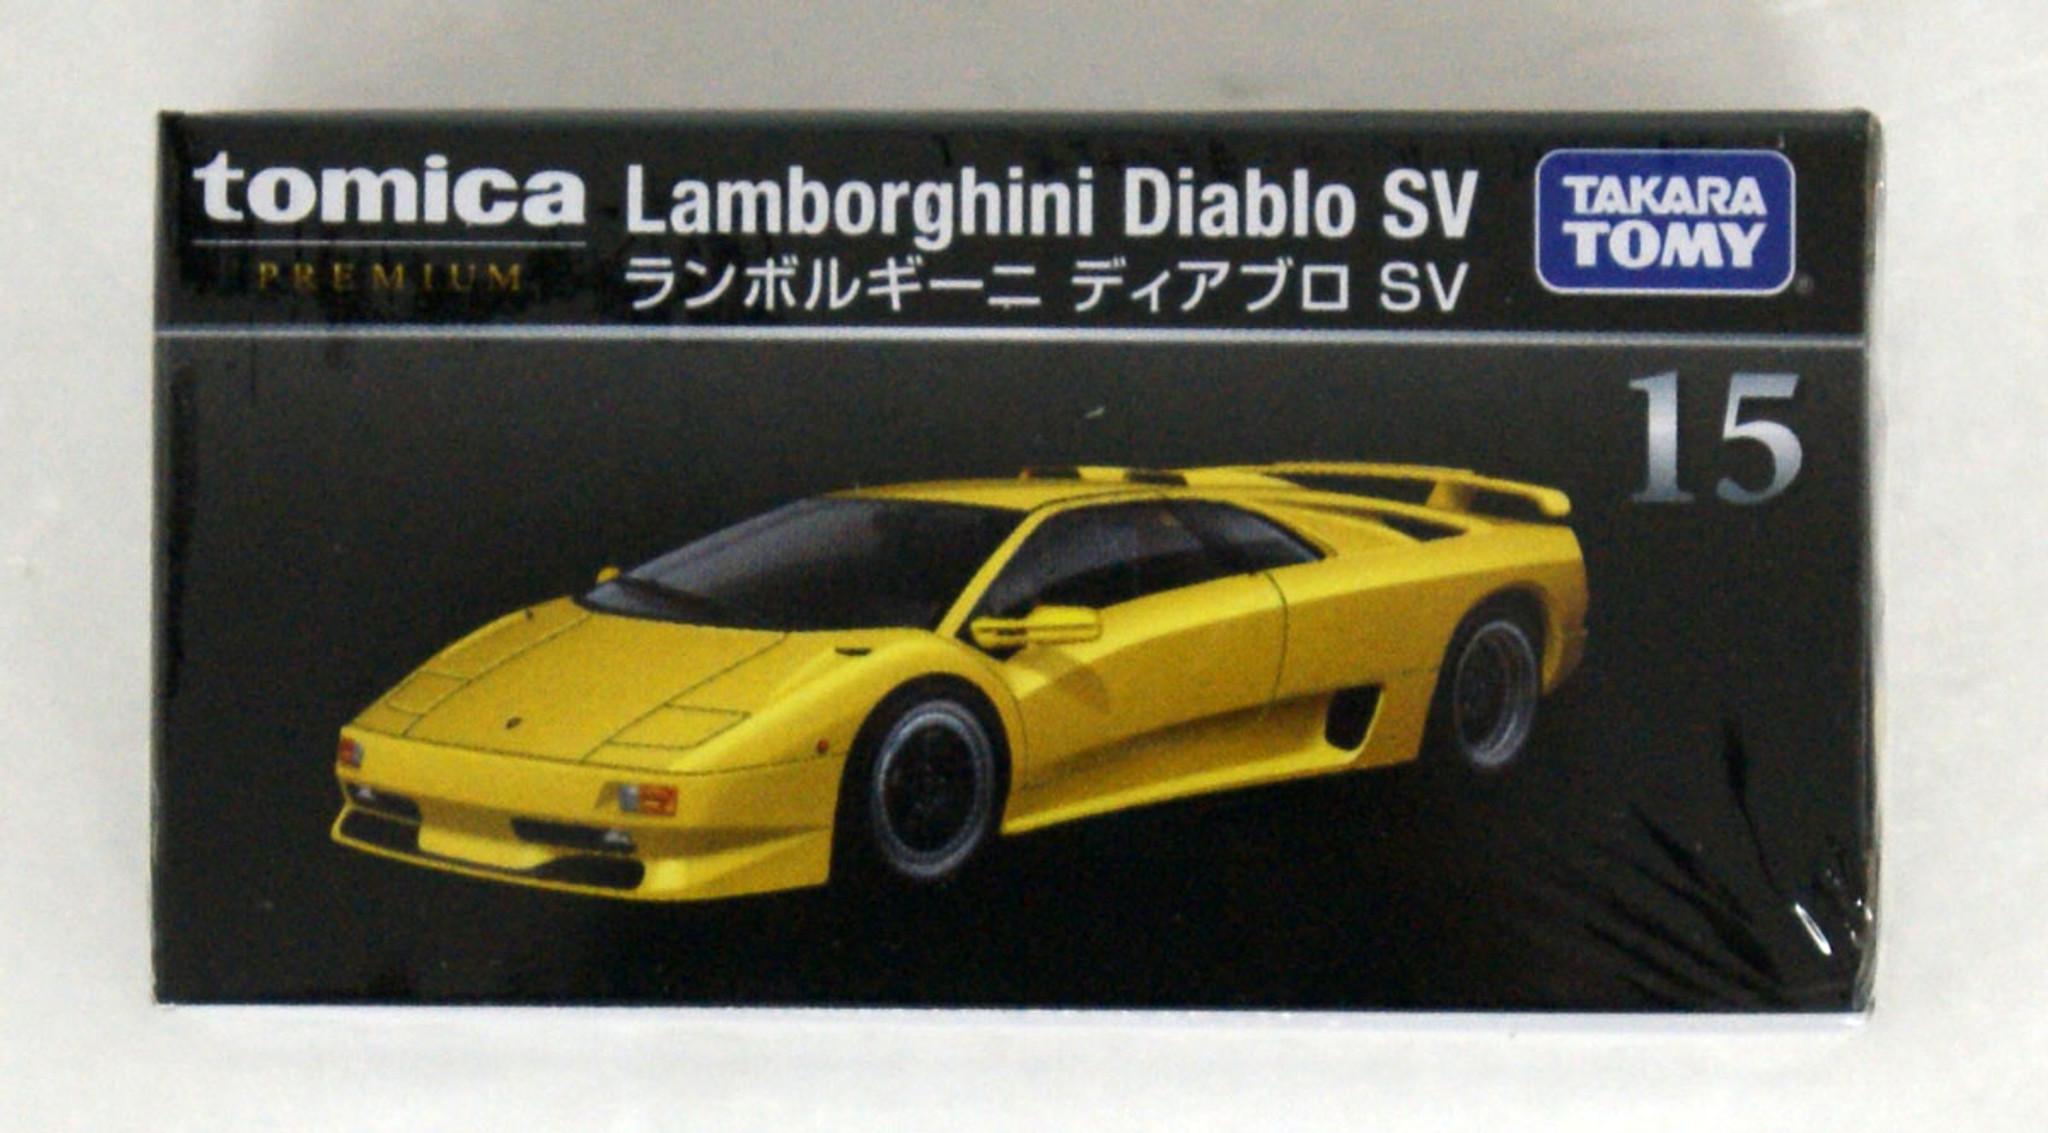 Takara Tomy Tomica Premium 15 Lamborghini Diabl Plazajapan